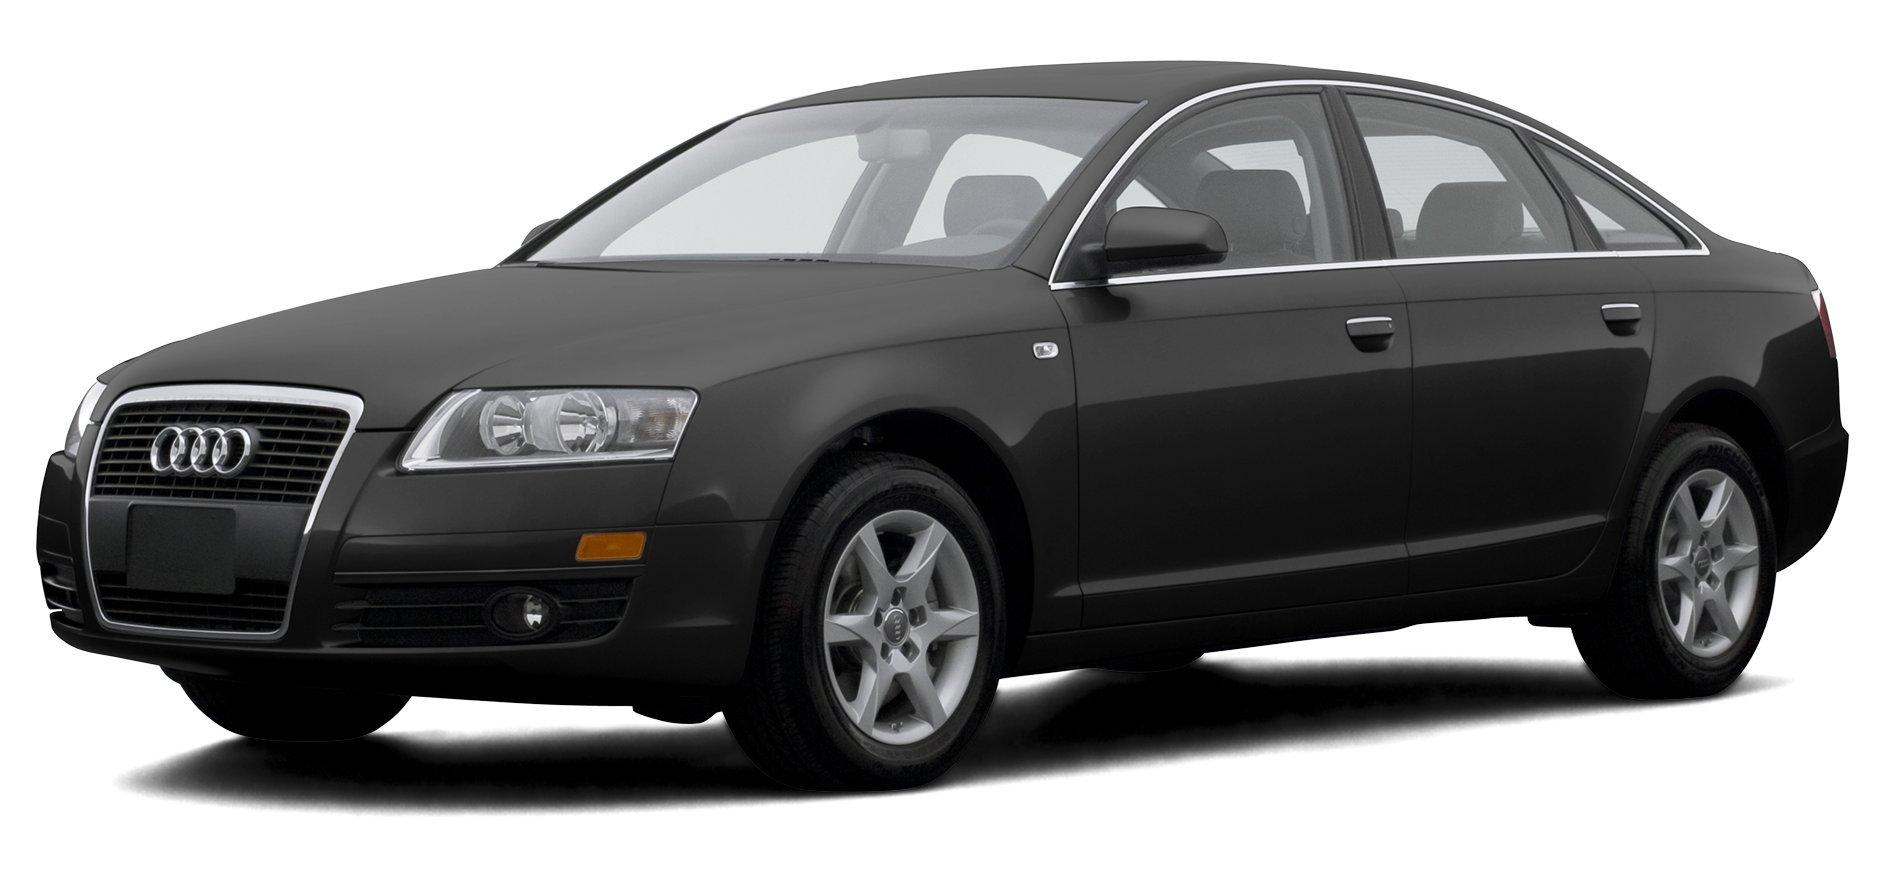 ... 2007 Audi A6 Quattro 4.2L, 4-Door Sedan quattro